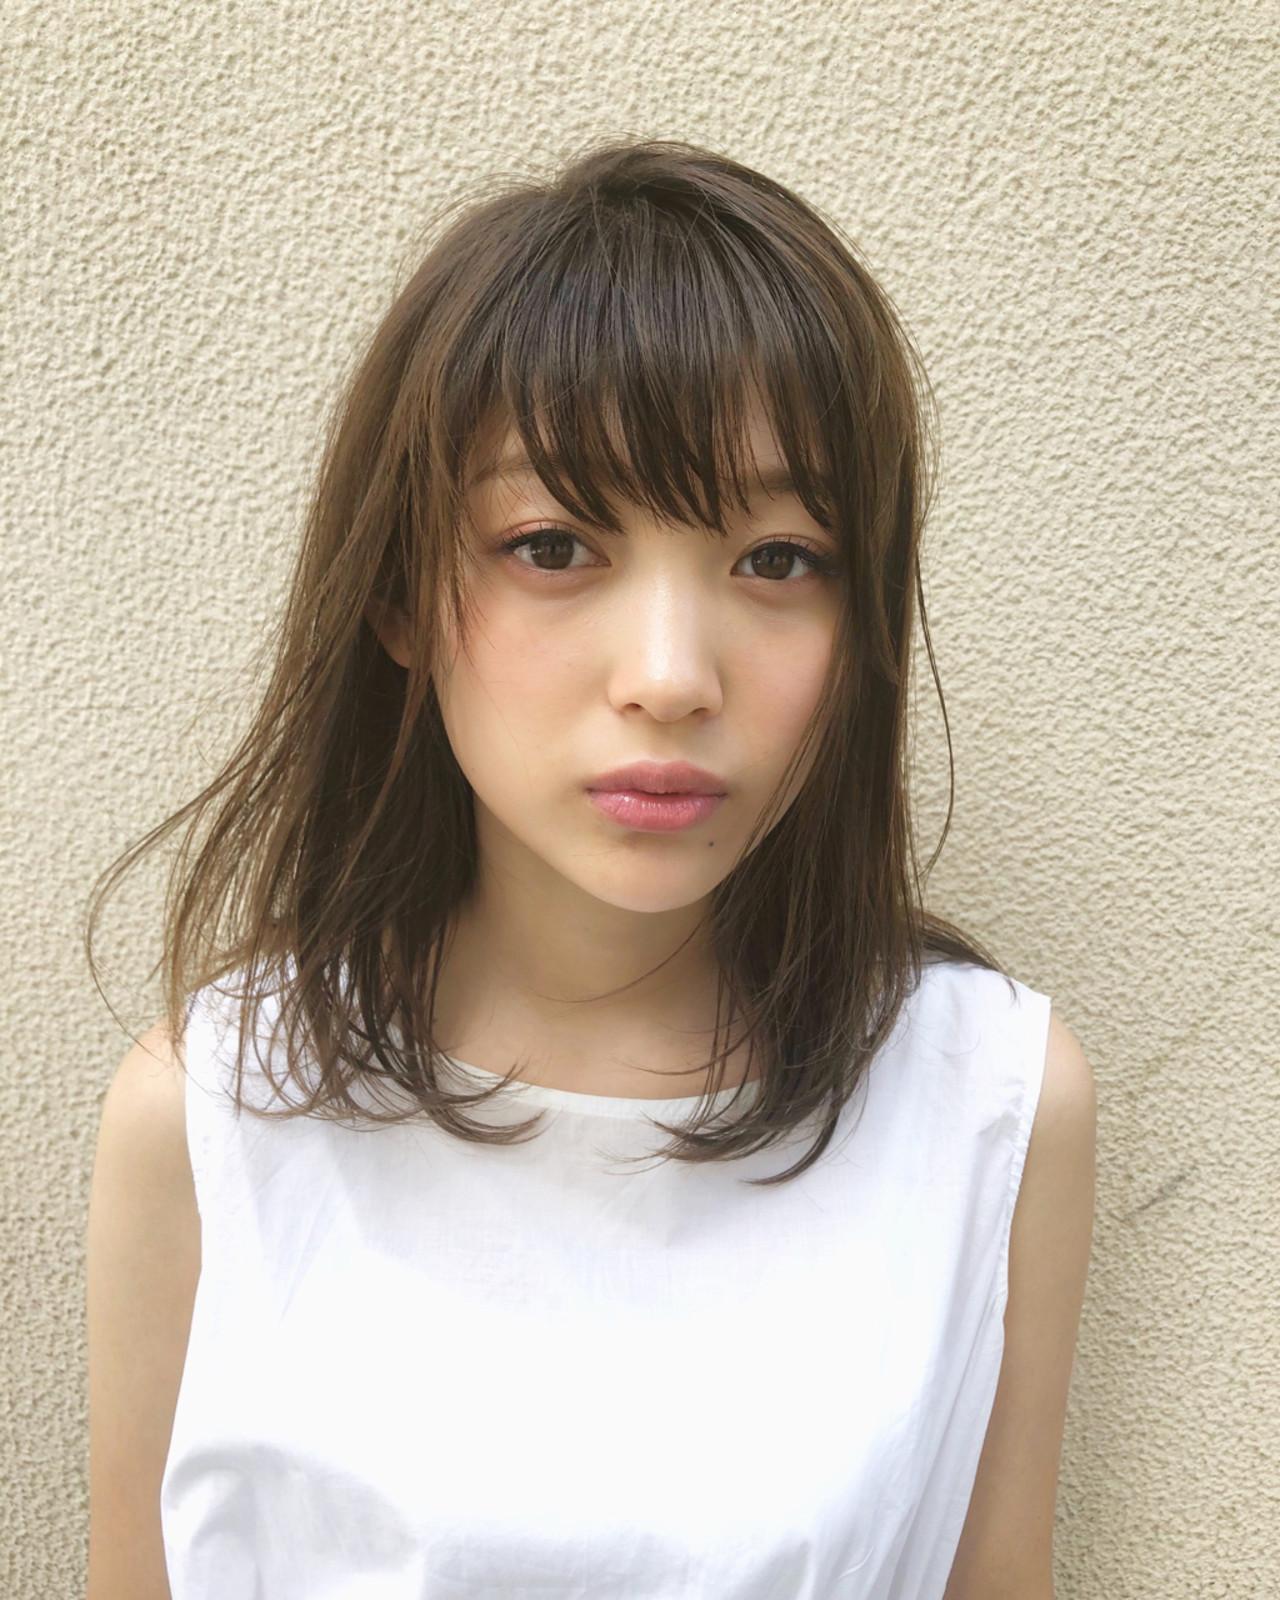 前髪あり ミディアム 秋 デート ヘアスタイルや髪型の写真・画像